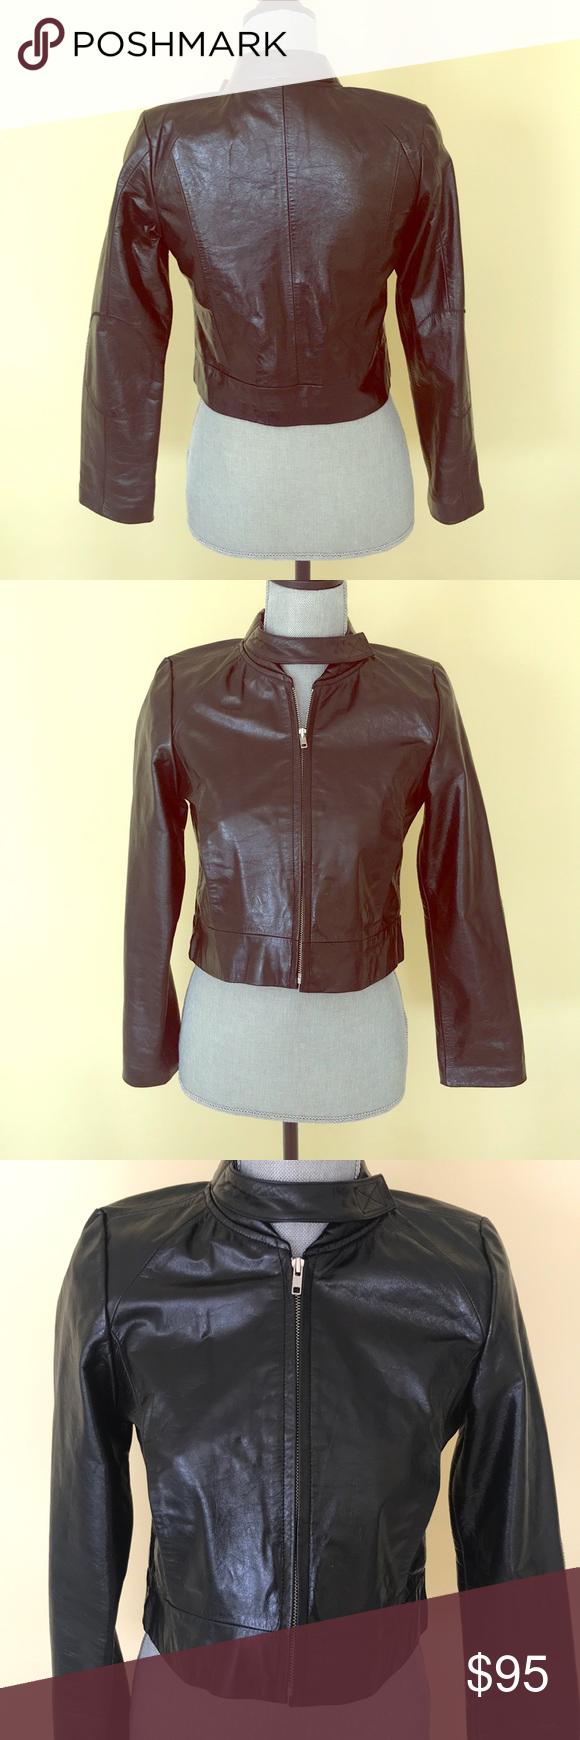 Dkny Girl S Leather Jacket Leather Jacket Girl Leather Jacket Jackets [ 1740 x 580 Pixel ]